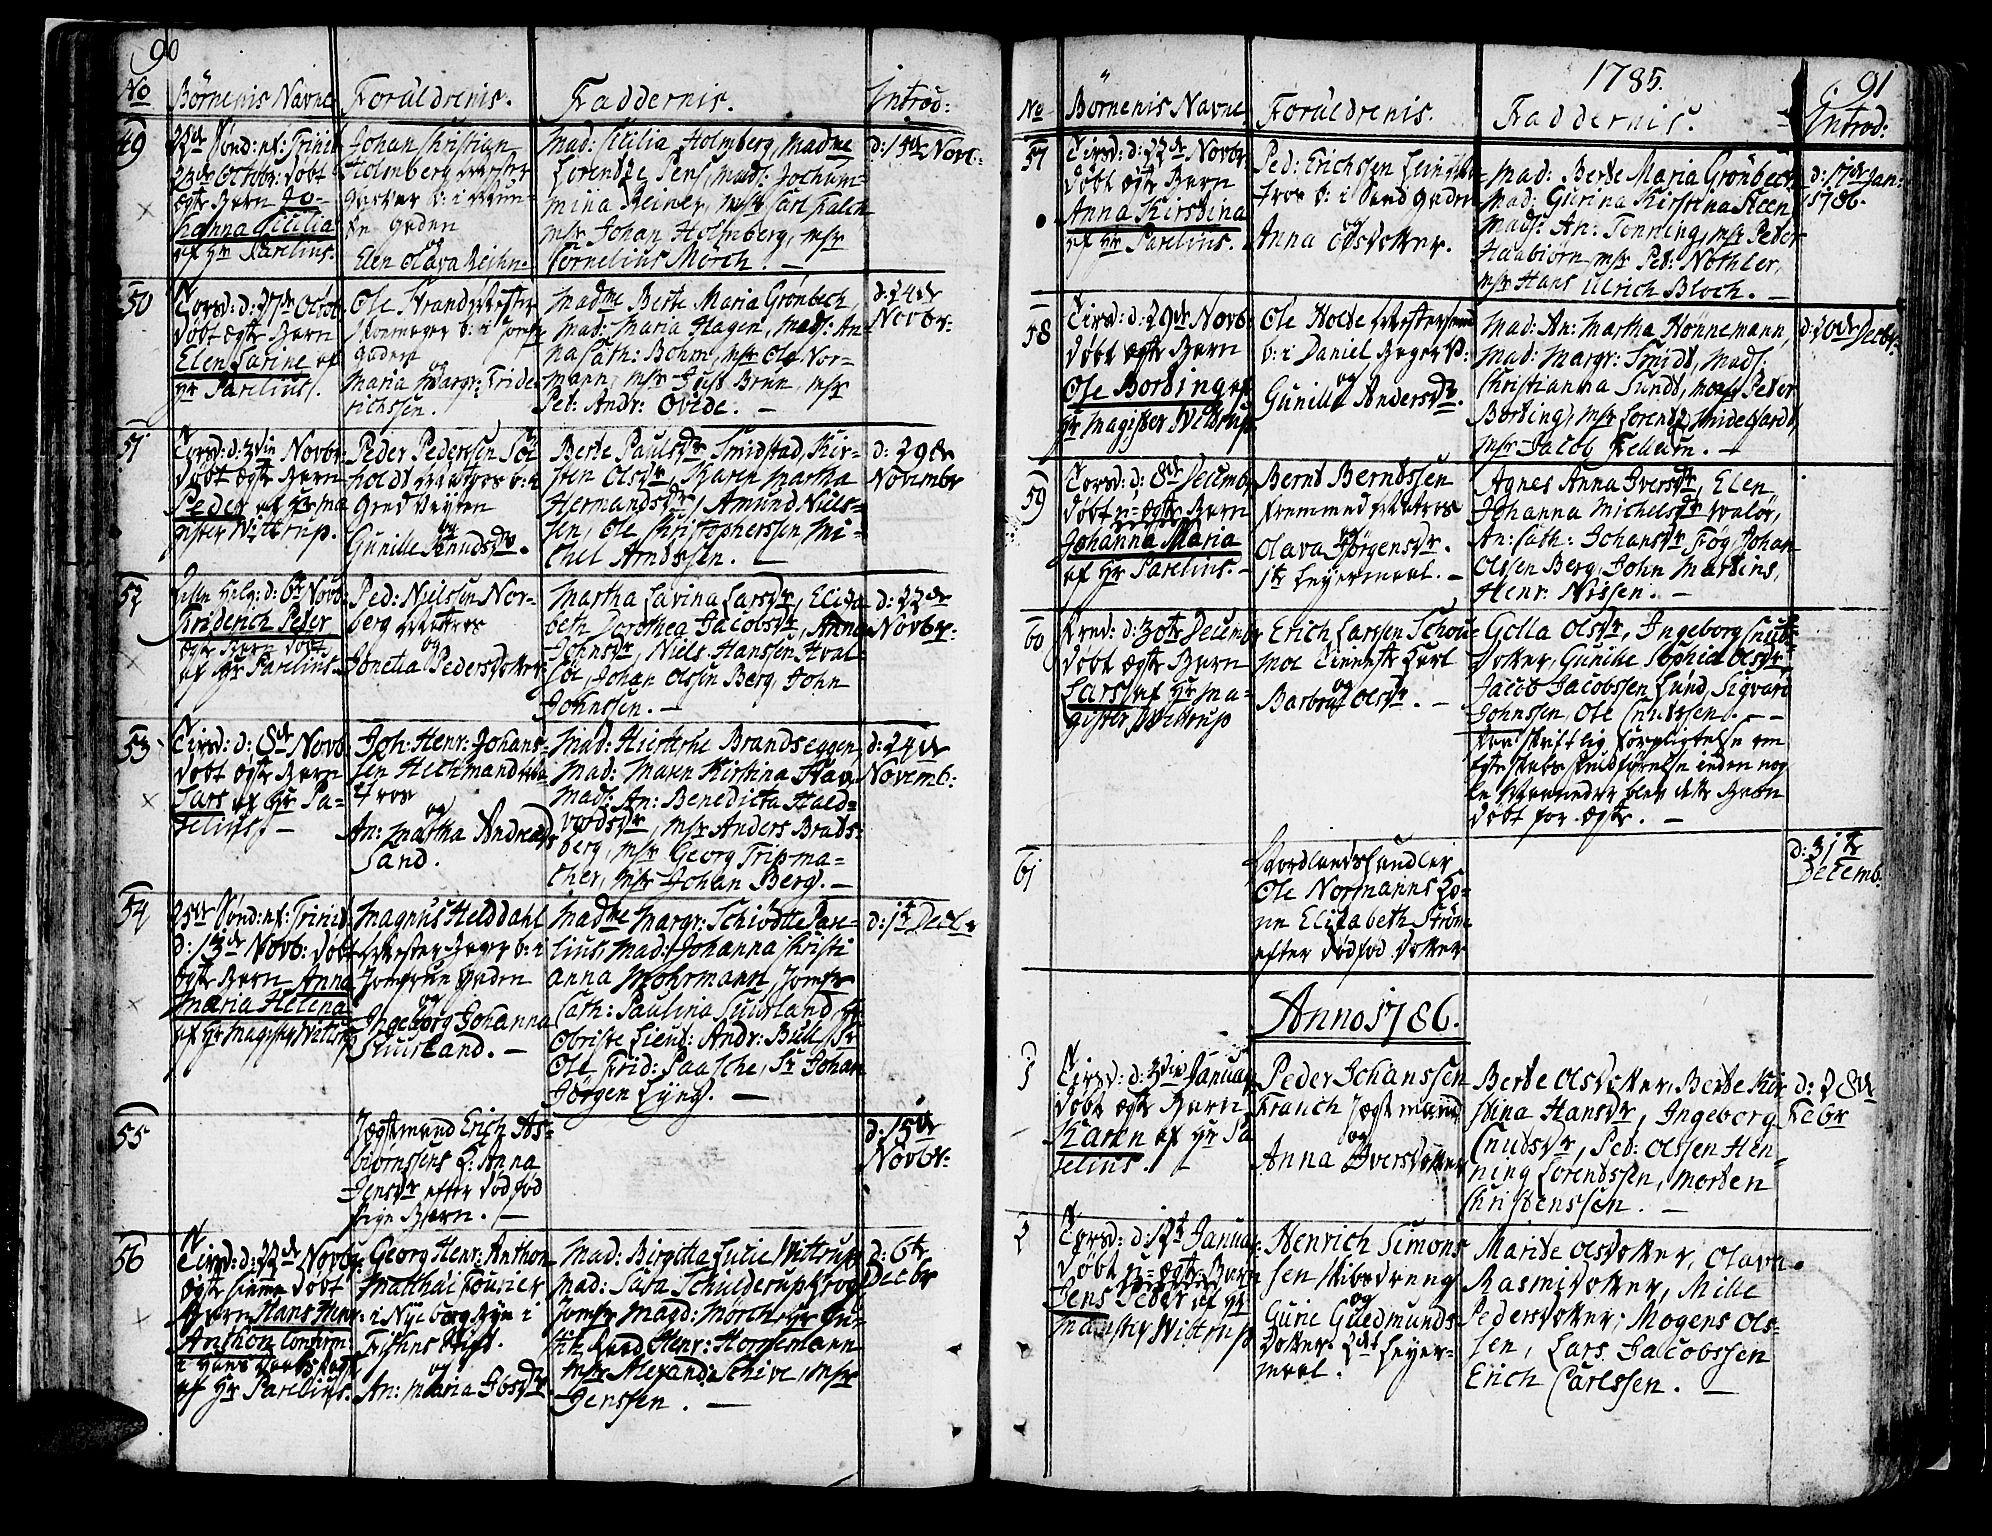 SAT, Ministerialprotokoller, klokkerbøker og fødselsregistre - Sør-Trøndelag, 602/L0104: Ministerialbok nr. 602A02, 1774-1814, s. 90-91